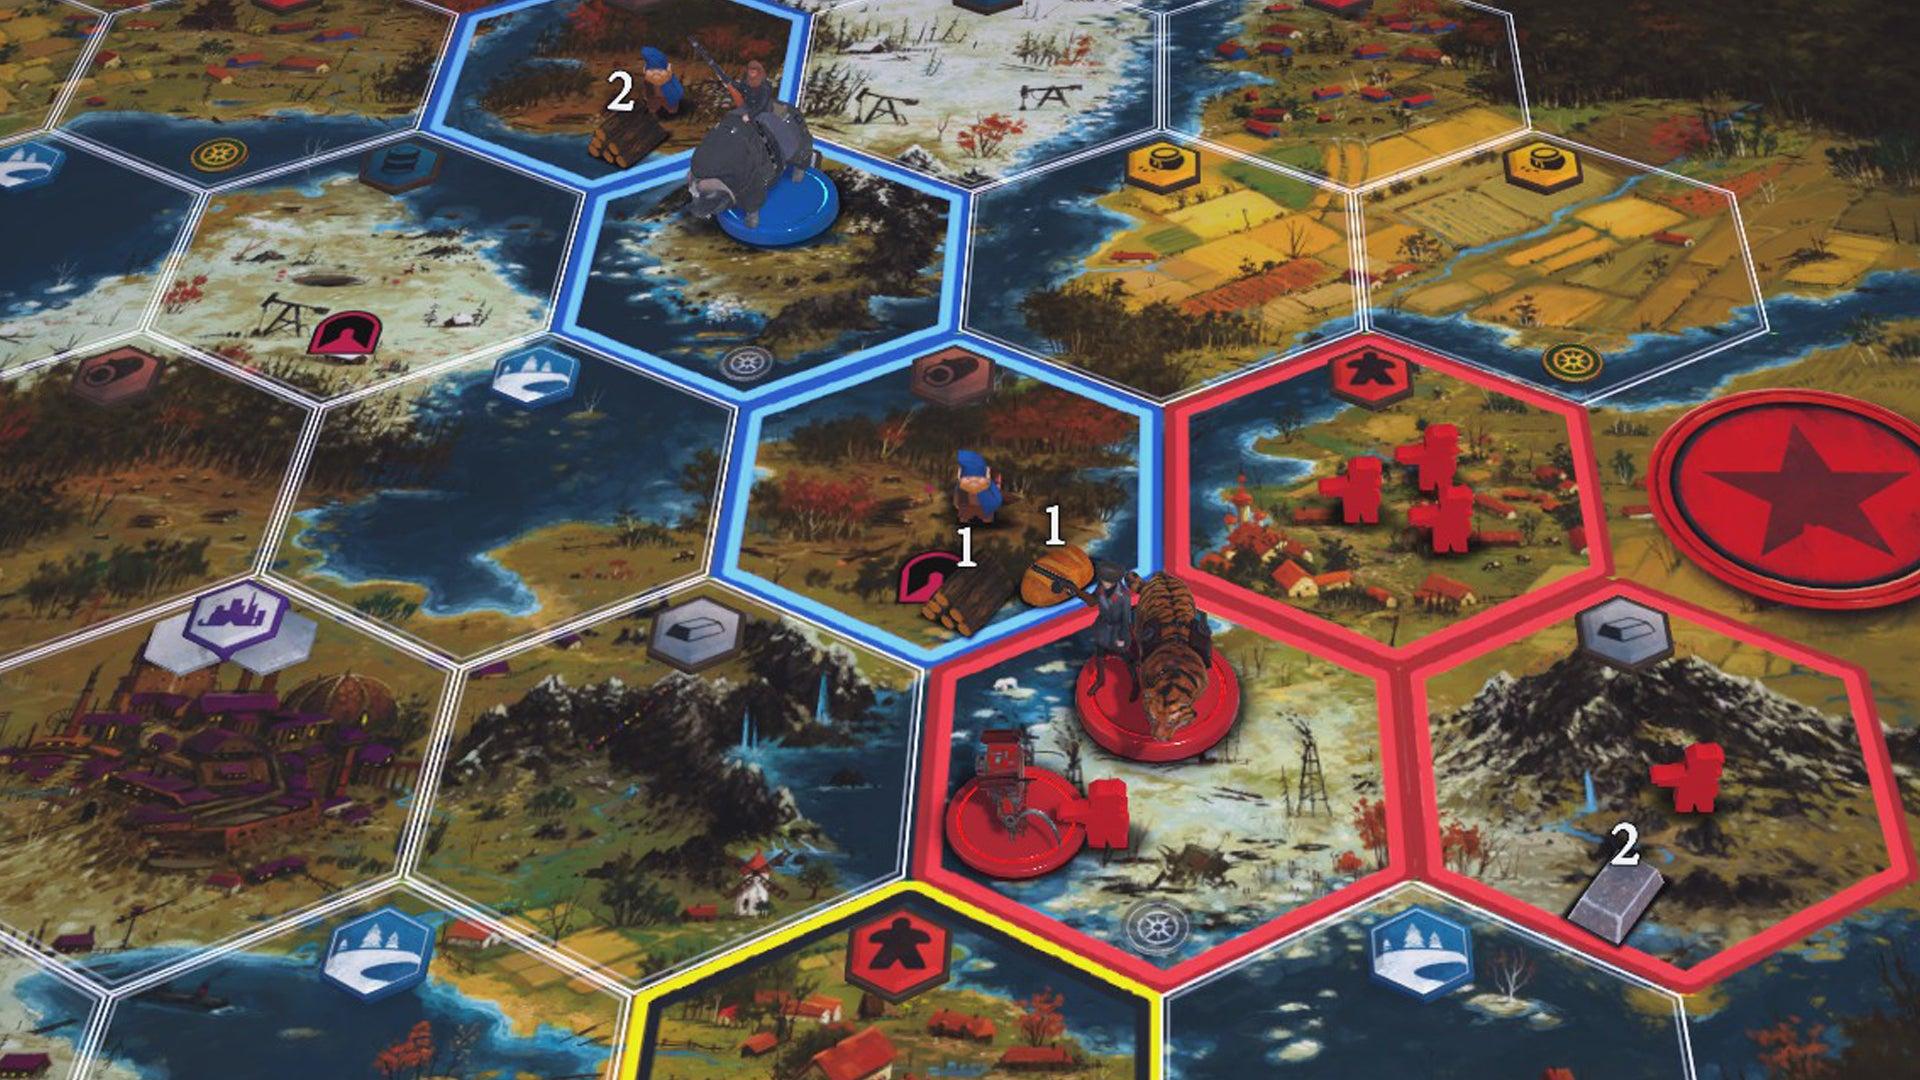 Scythedigital_Digitalboardgamesaleasmodee.jpg